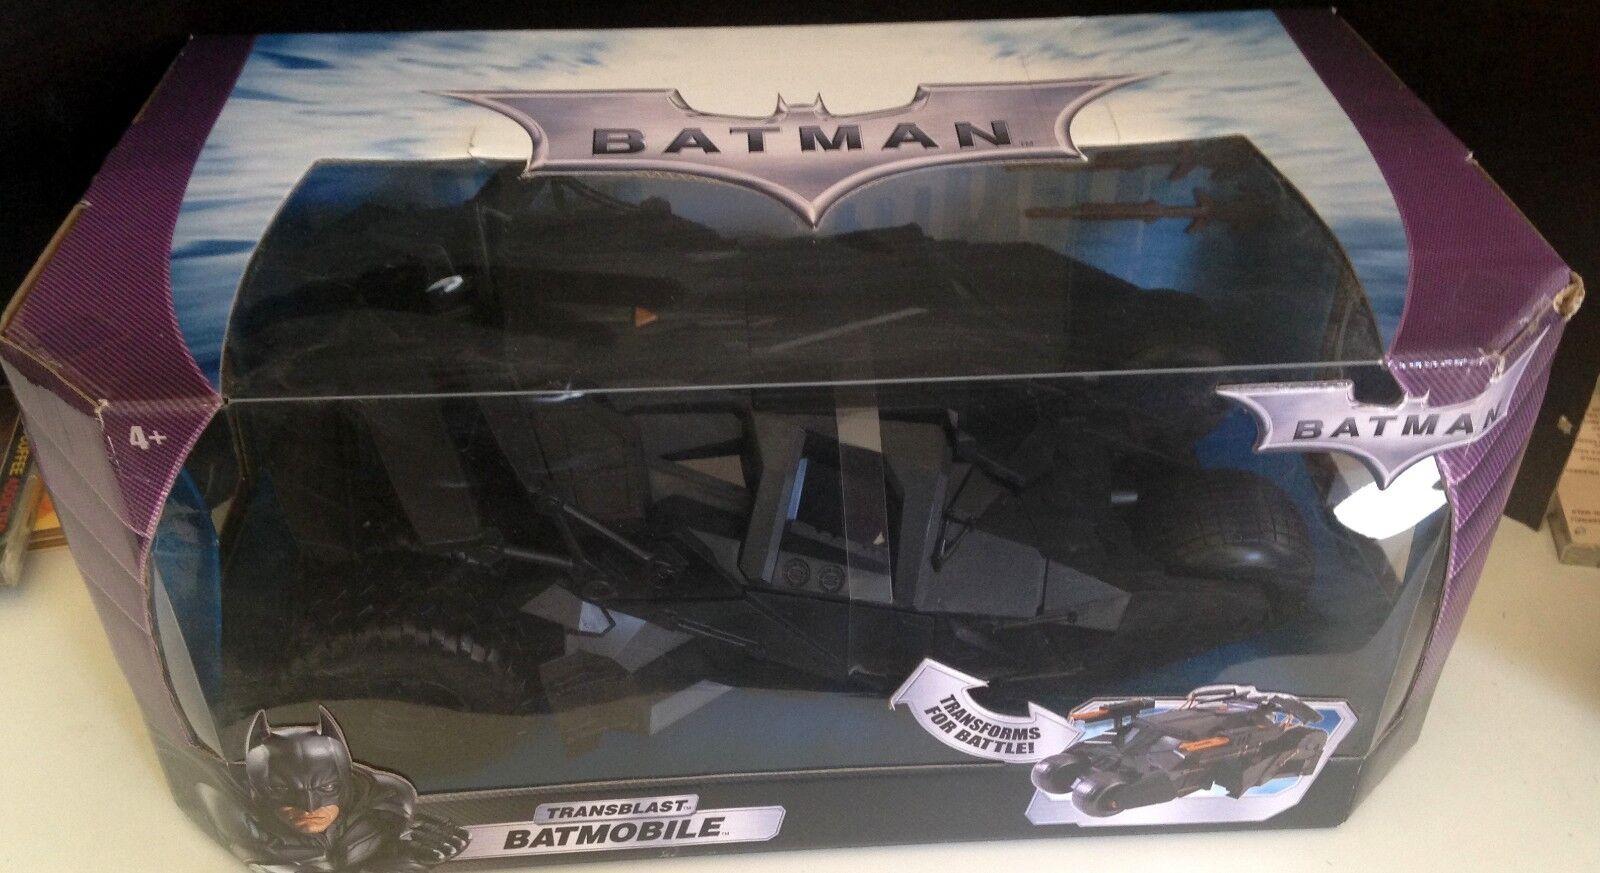 Batuomo Transblast Batmobile Veicolo  Nuovo in The scatola  fuori Stampa  Nuovo